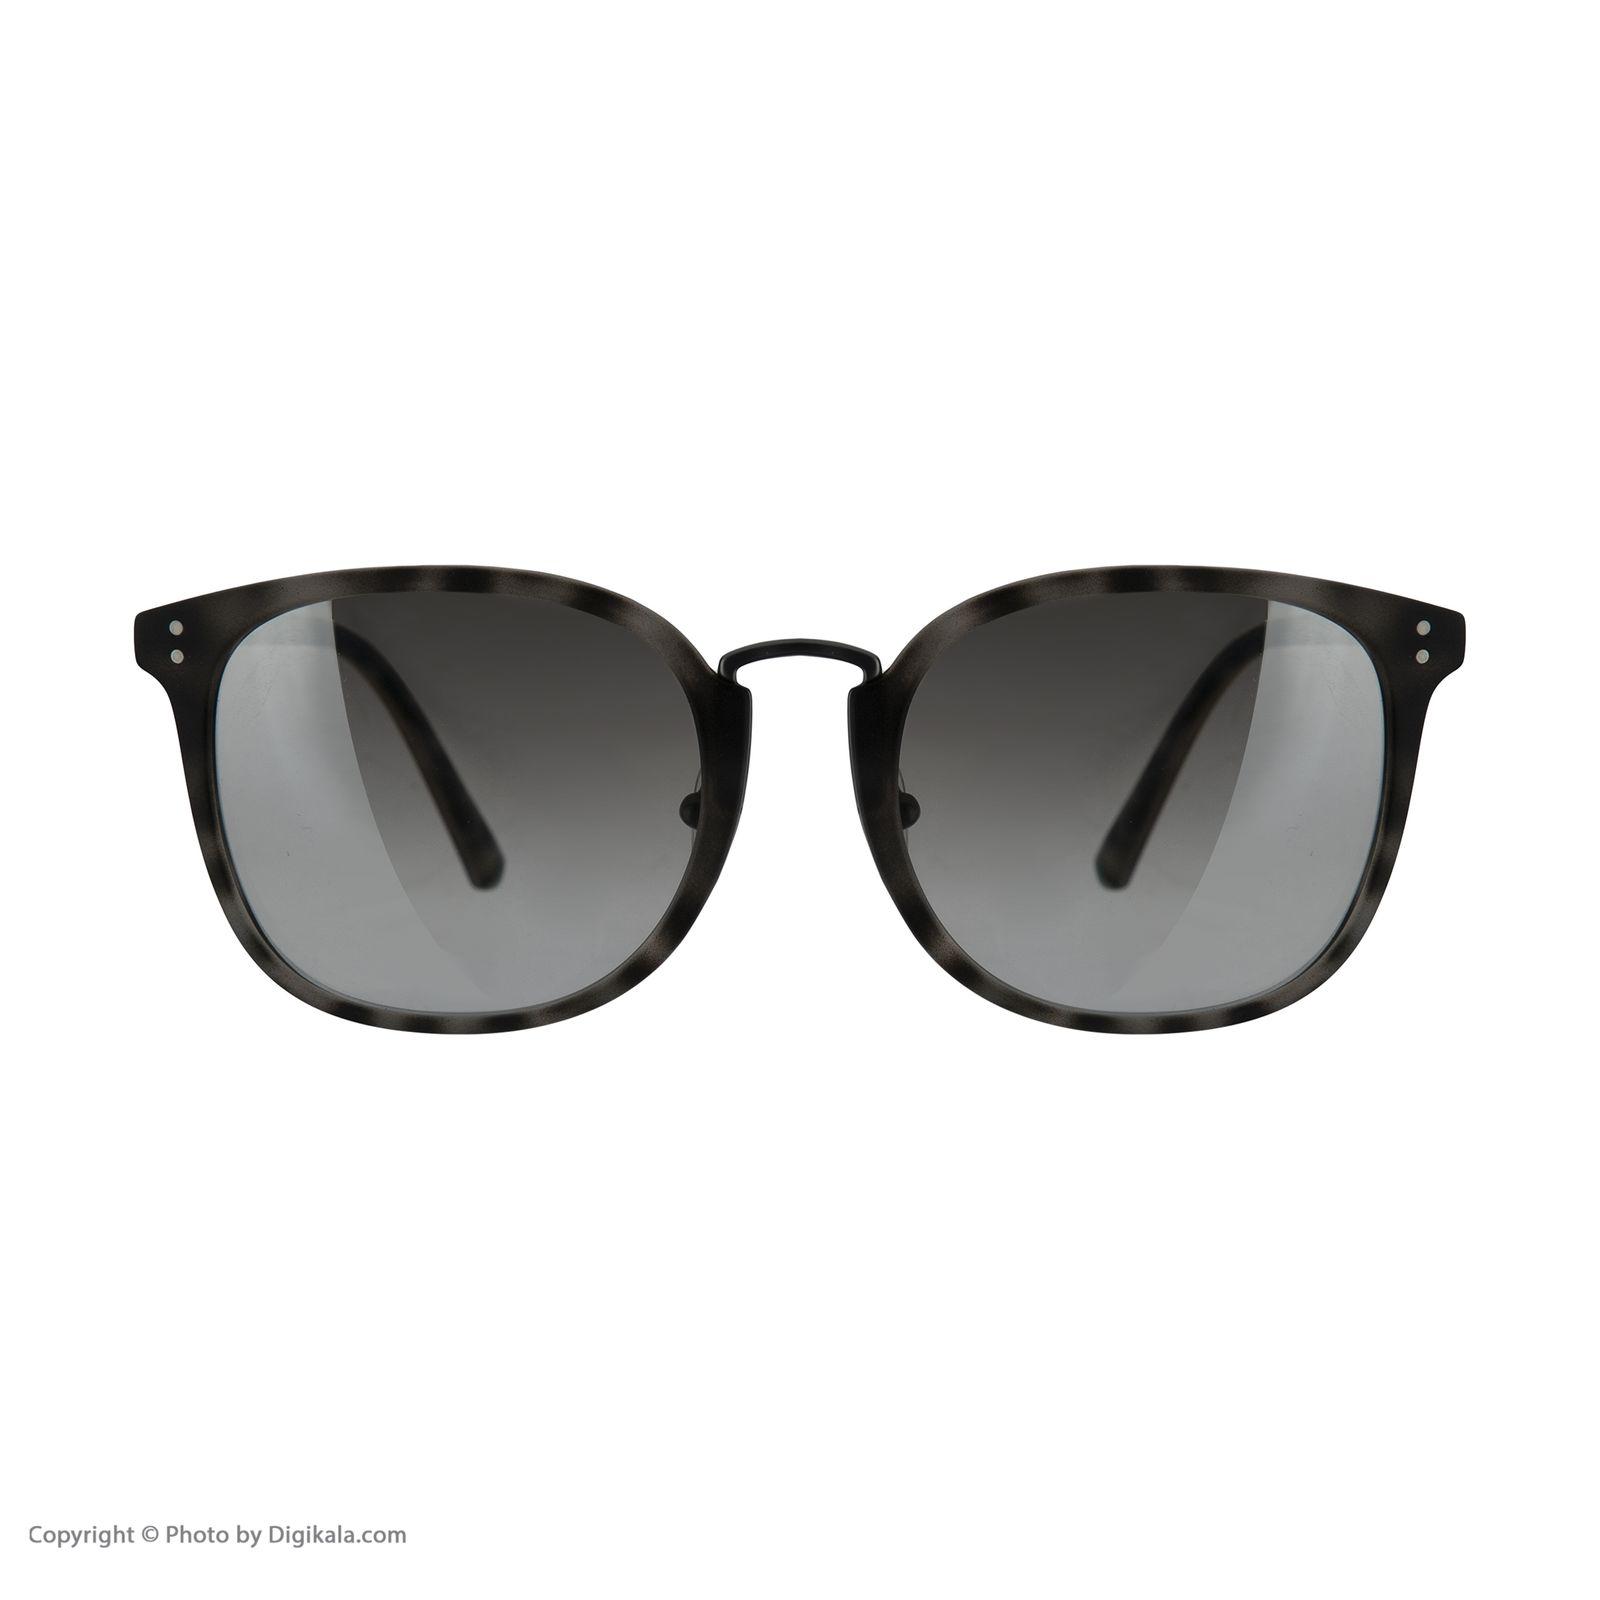 عینک آفتابی زنانه بربری مدل BE 4266S 3534Q0 53 -  - 3